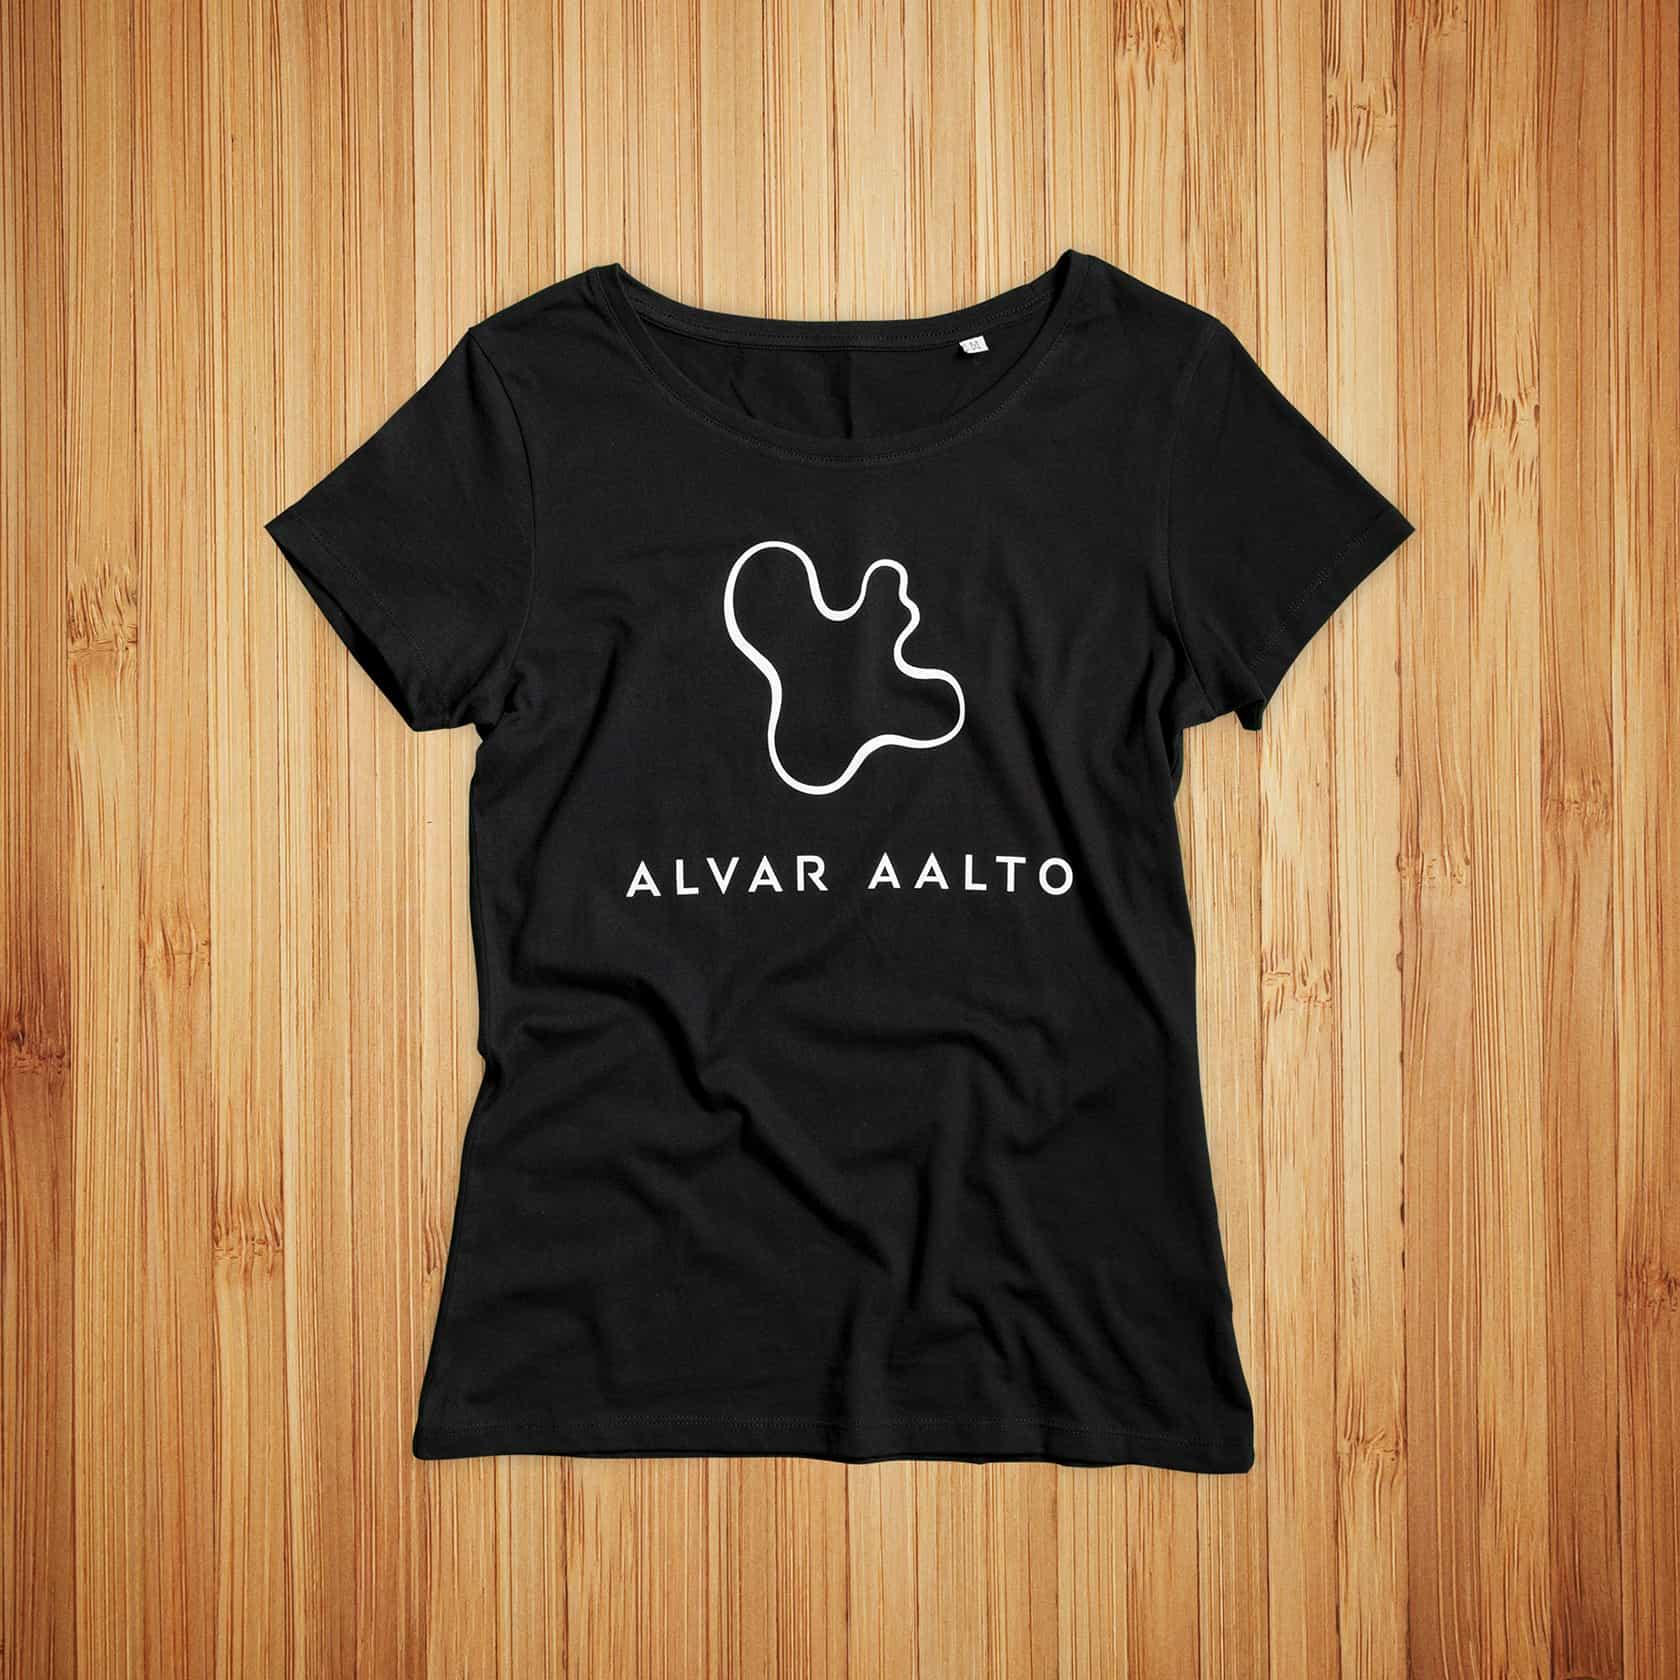 Alvar Aalto, musta t-paita ja valkoinen painatus